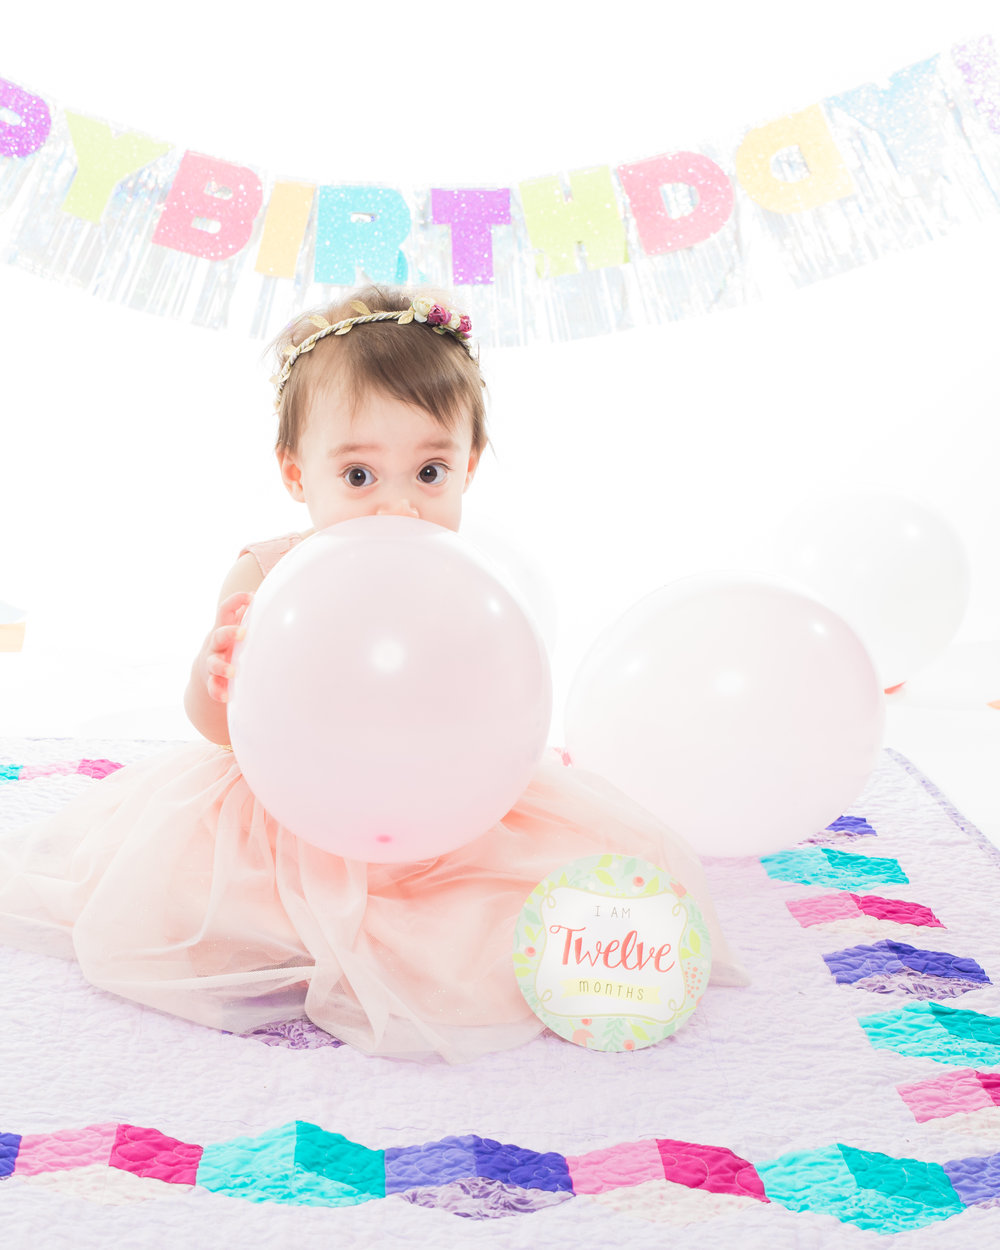 2018_February_04-Veronica_Sullivan_One_Year_Baby_Pics-44797.jpg